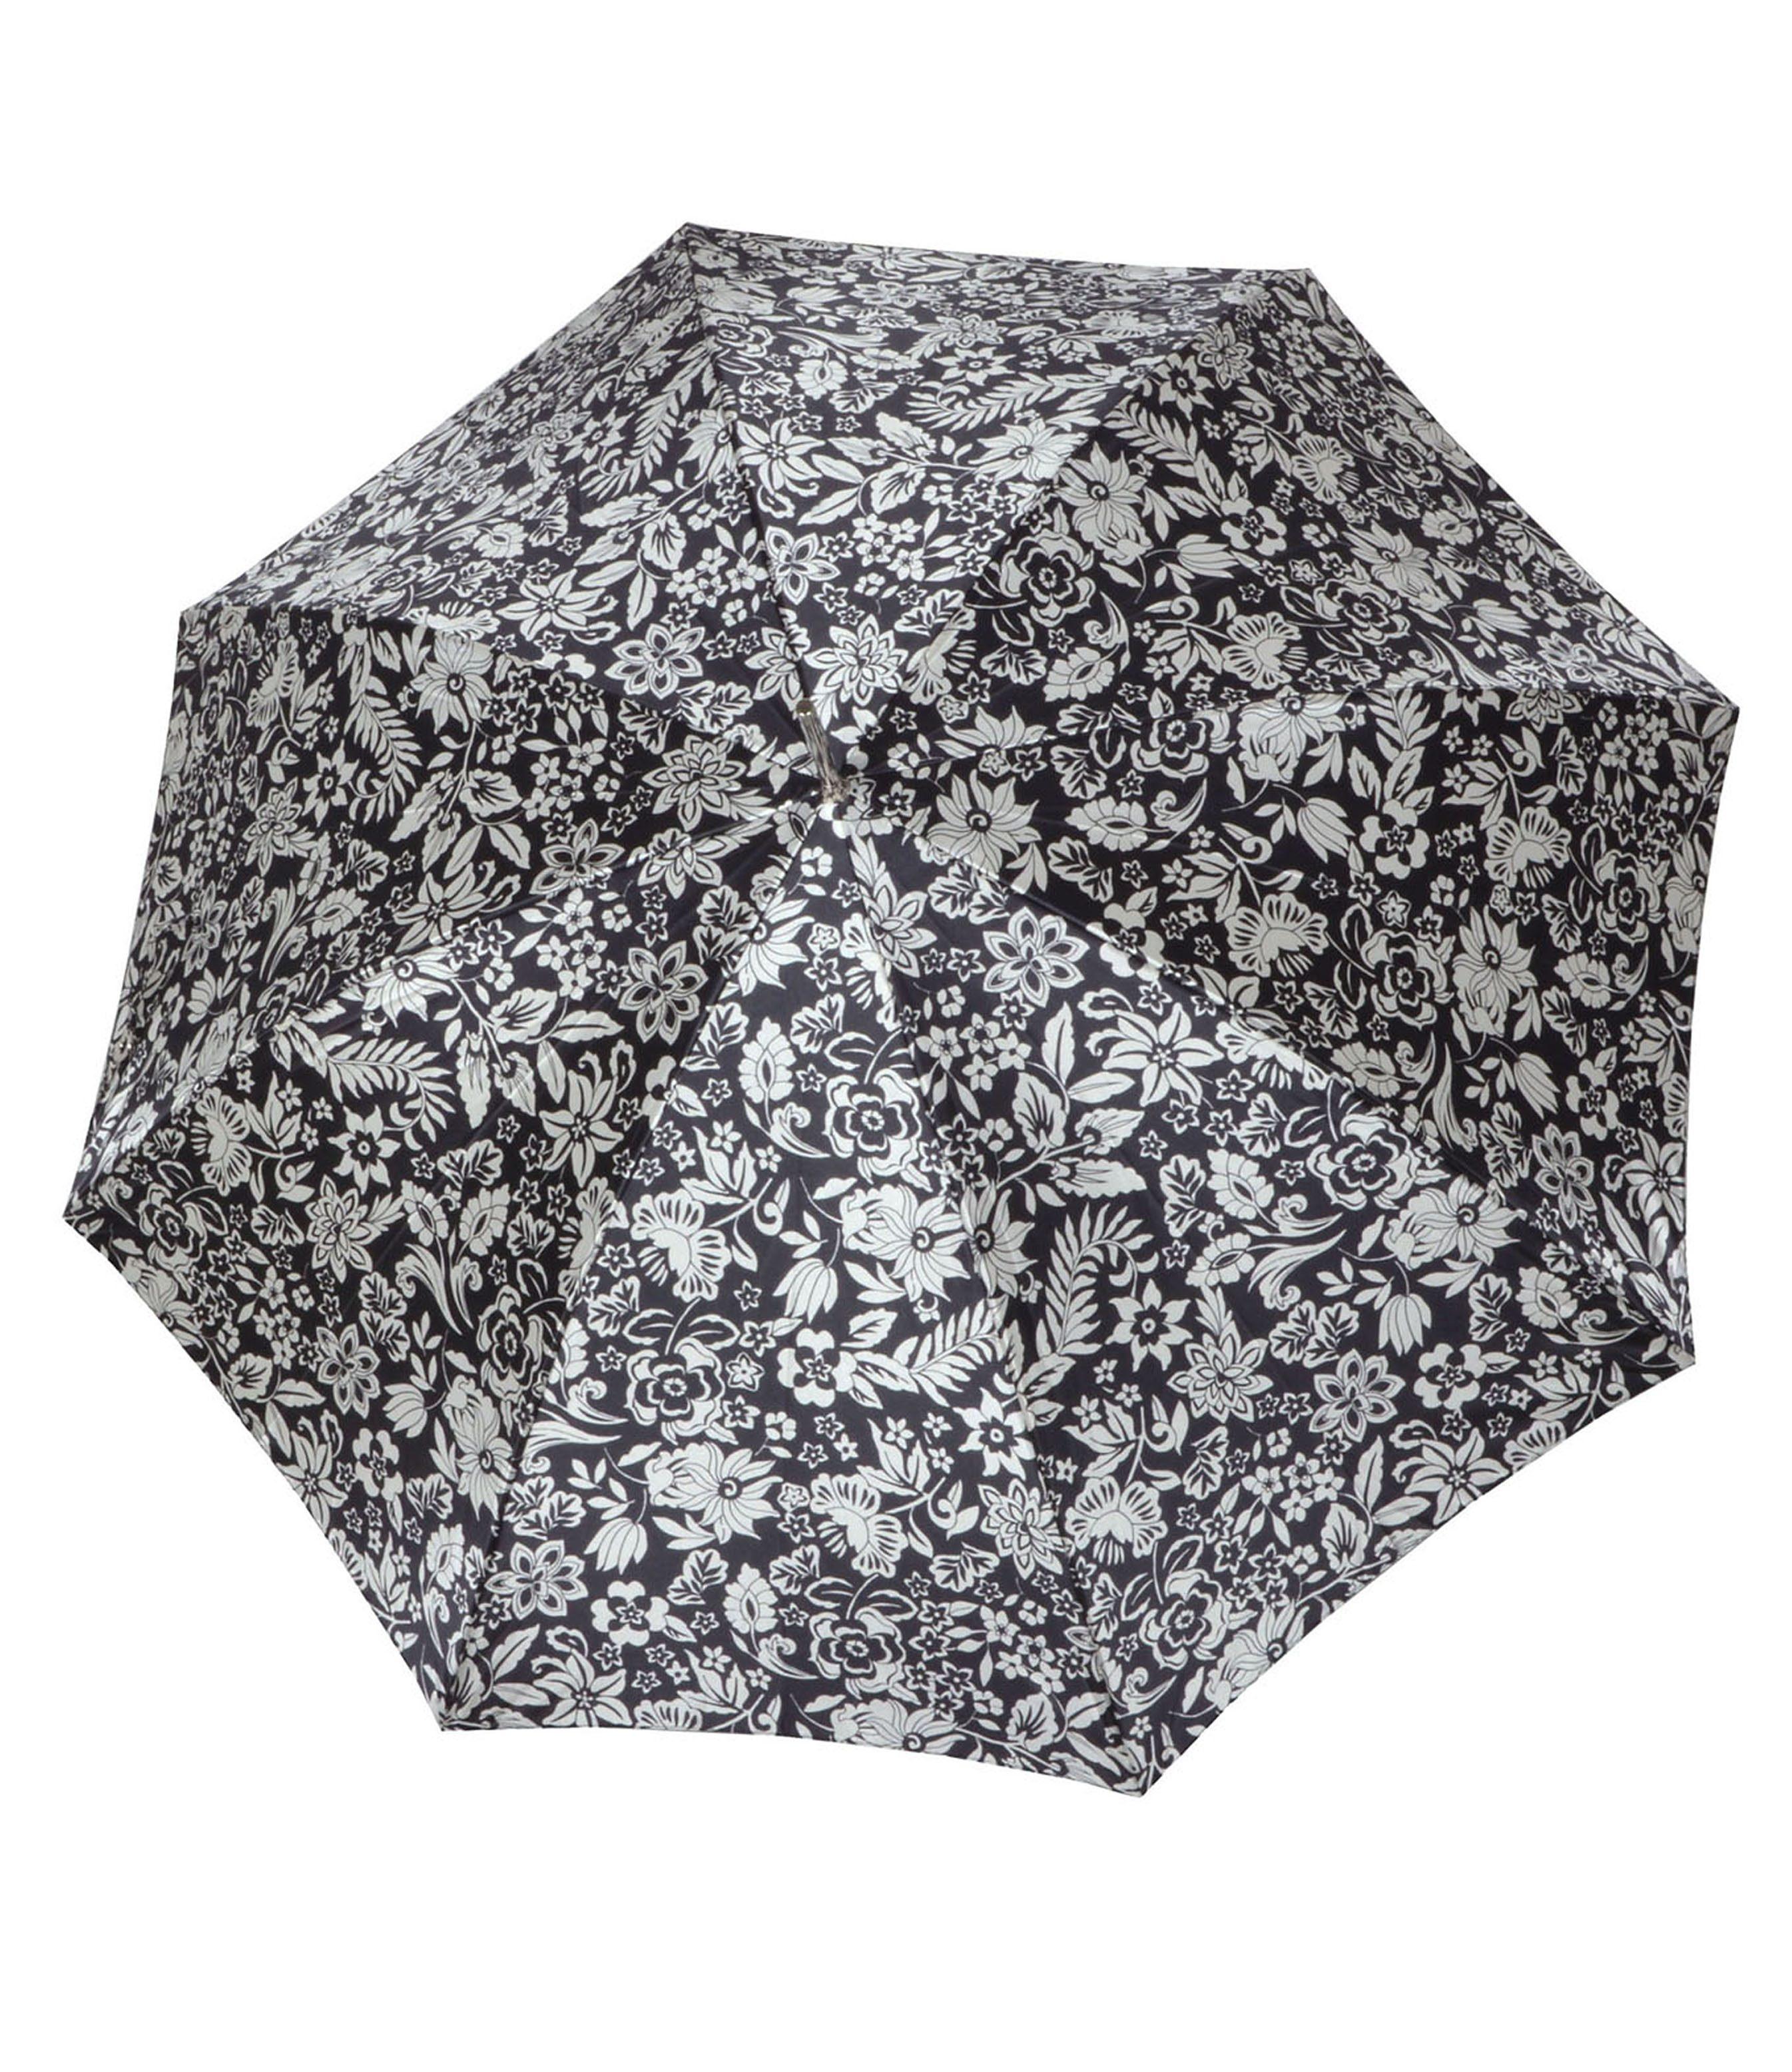 Doppler Regenschirm mit Blumenmuster, Langschirm »Carbonsteel Imperial«